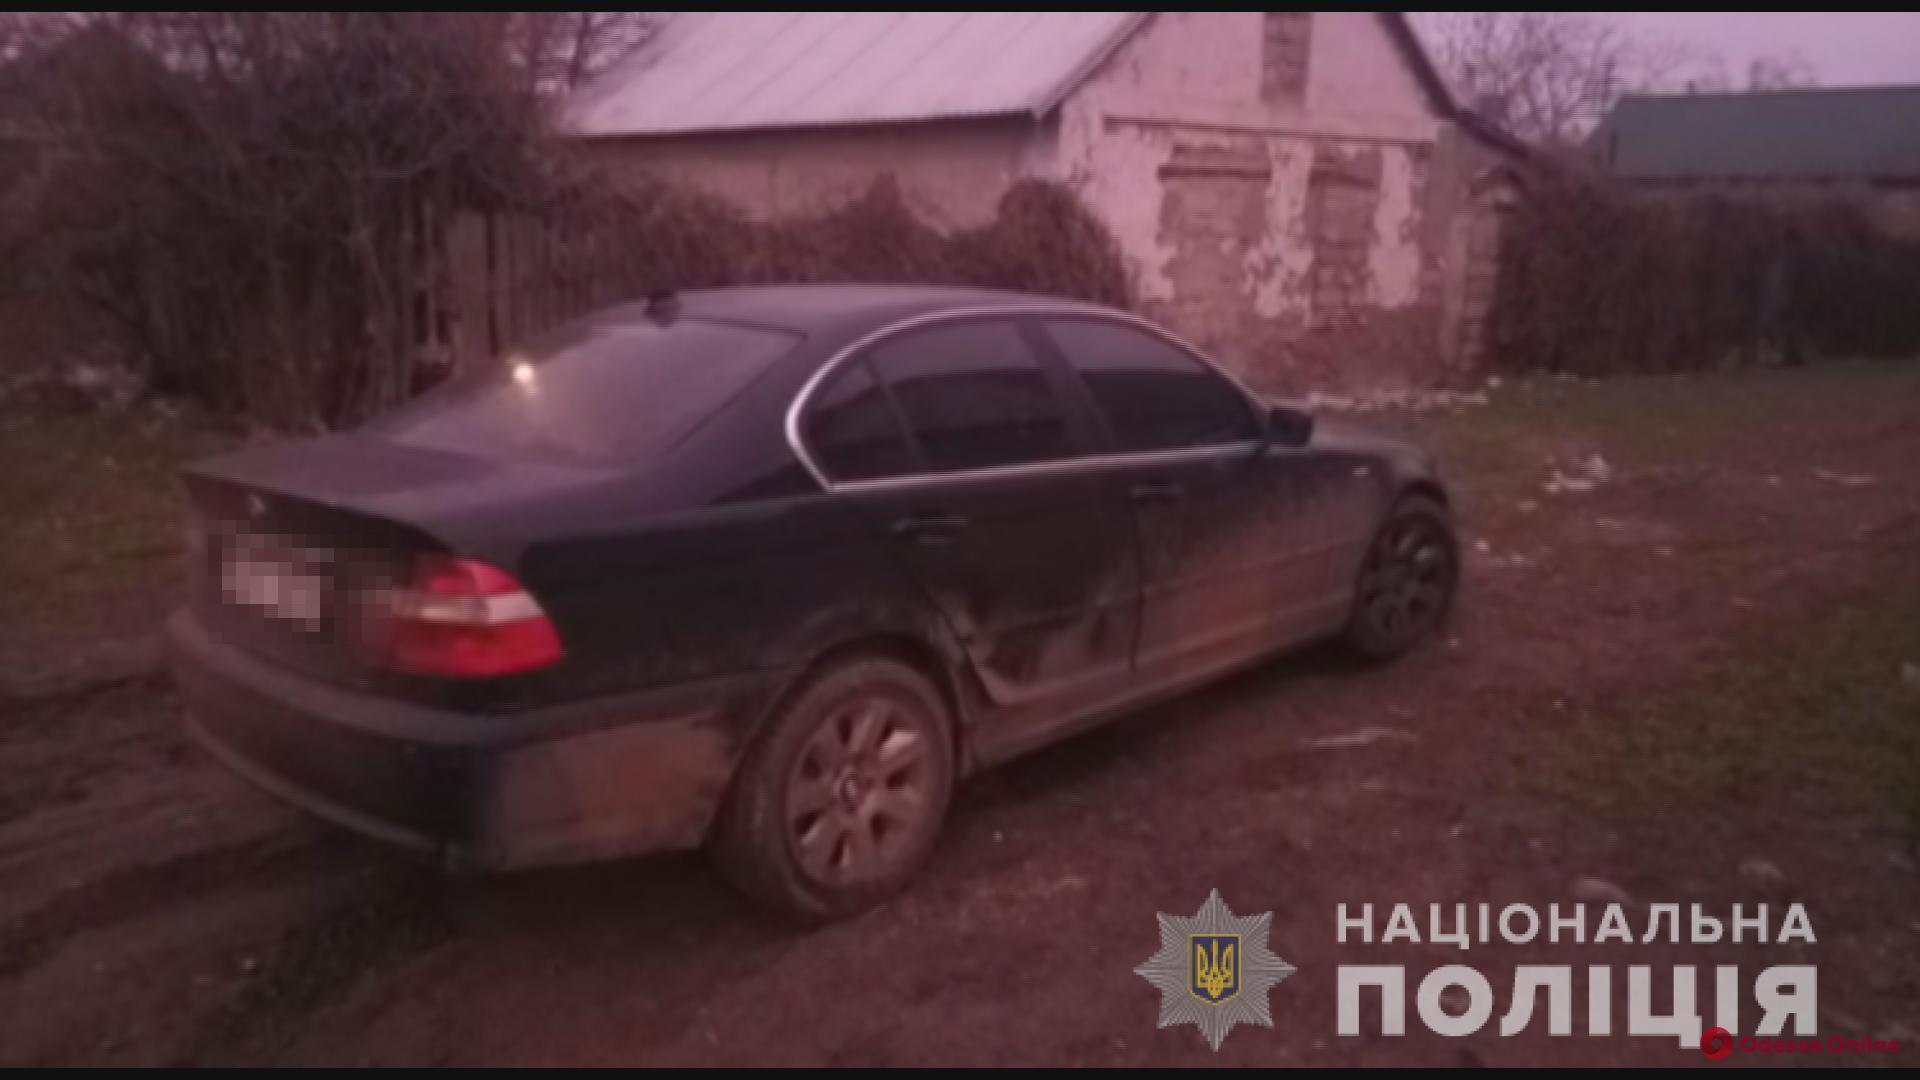 В Одесской области на глазах у ребенка ограбили автомобиль его родителей